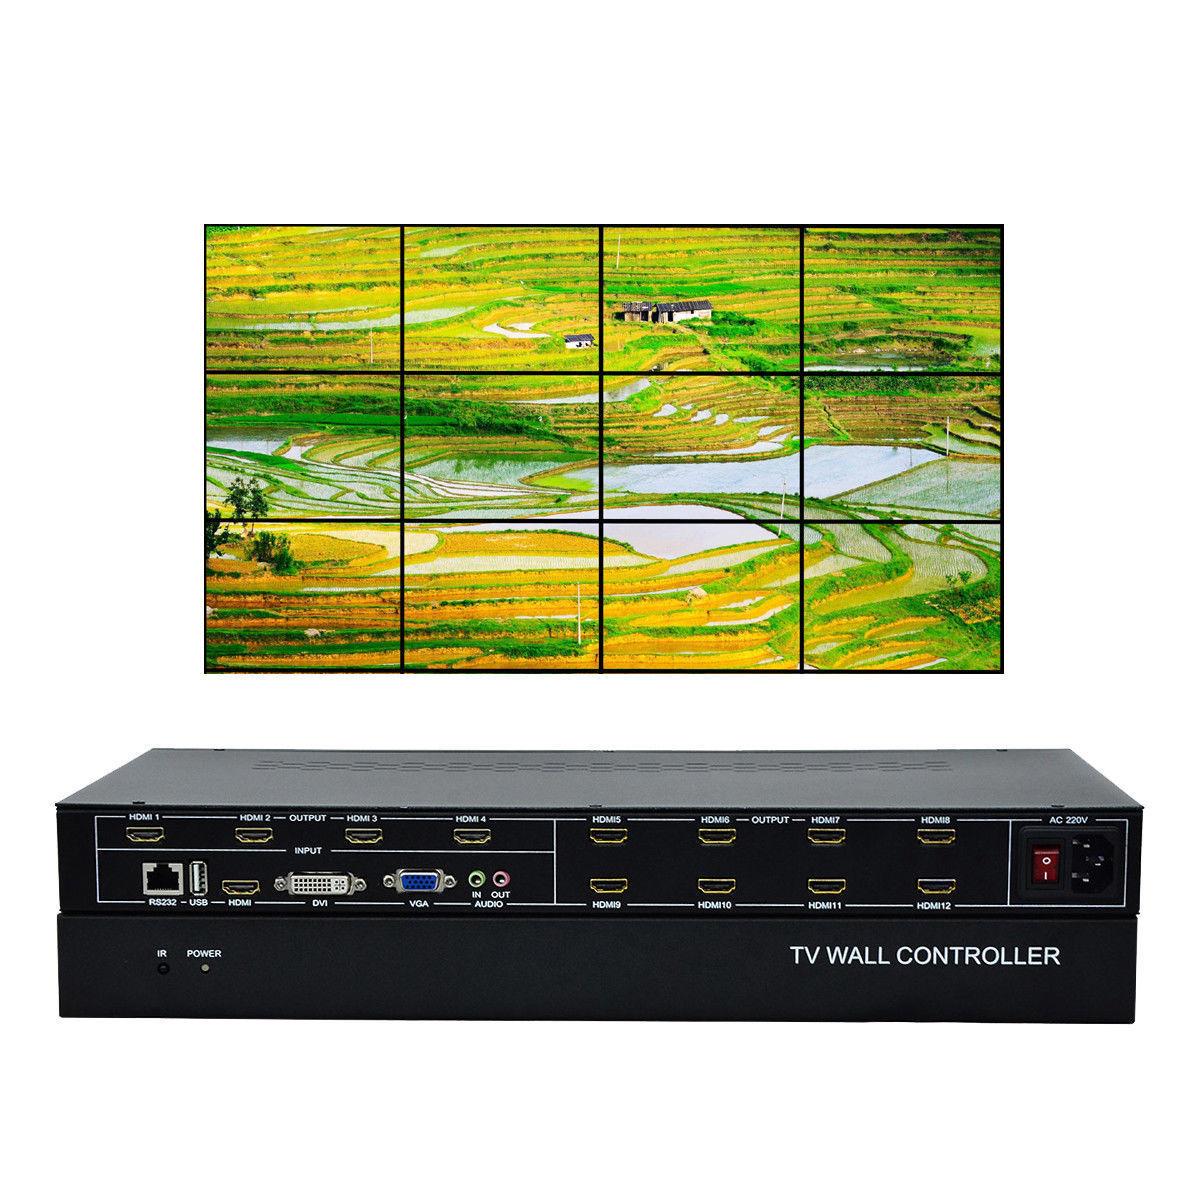 ESZYM 12 Canaux TV Contrôleur de Mur Vidéo 3x4 2x6 2x5 HDMI DVI VGA USB processeur vidéo